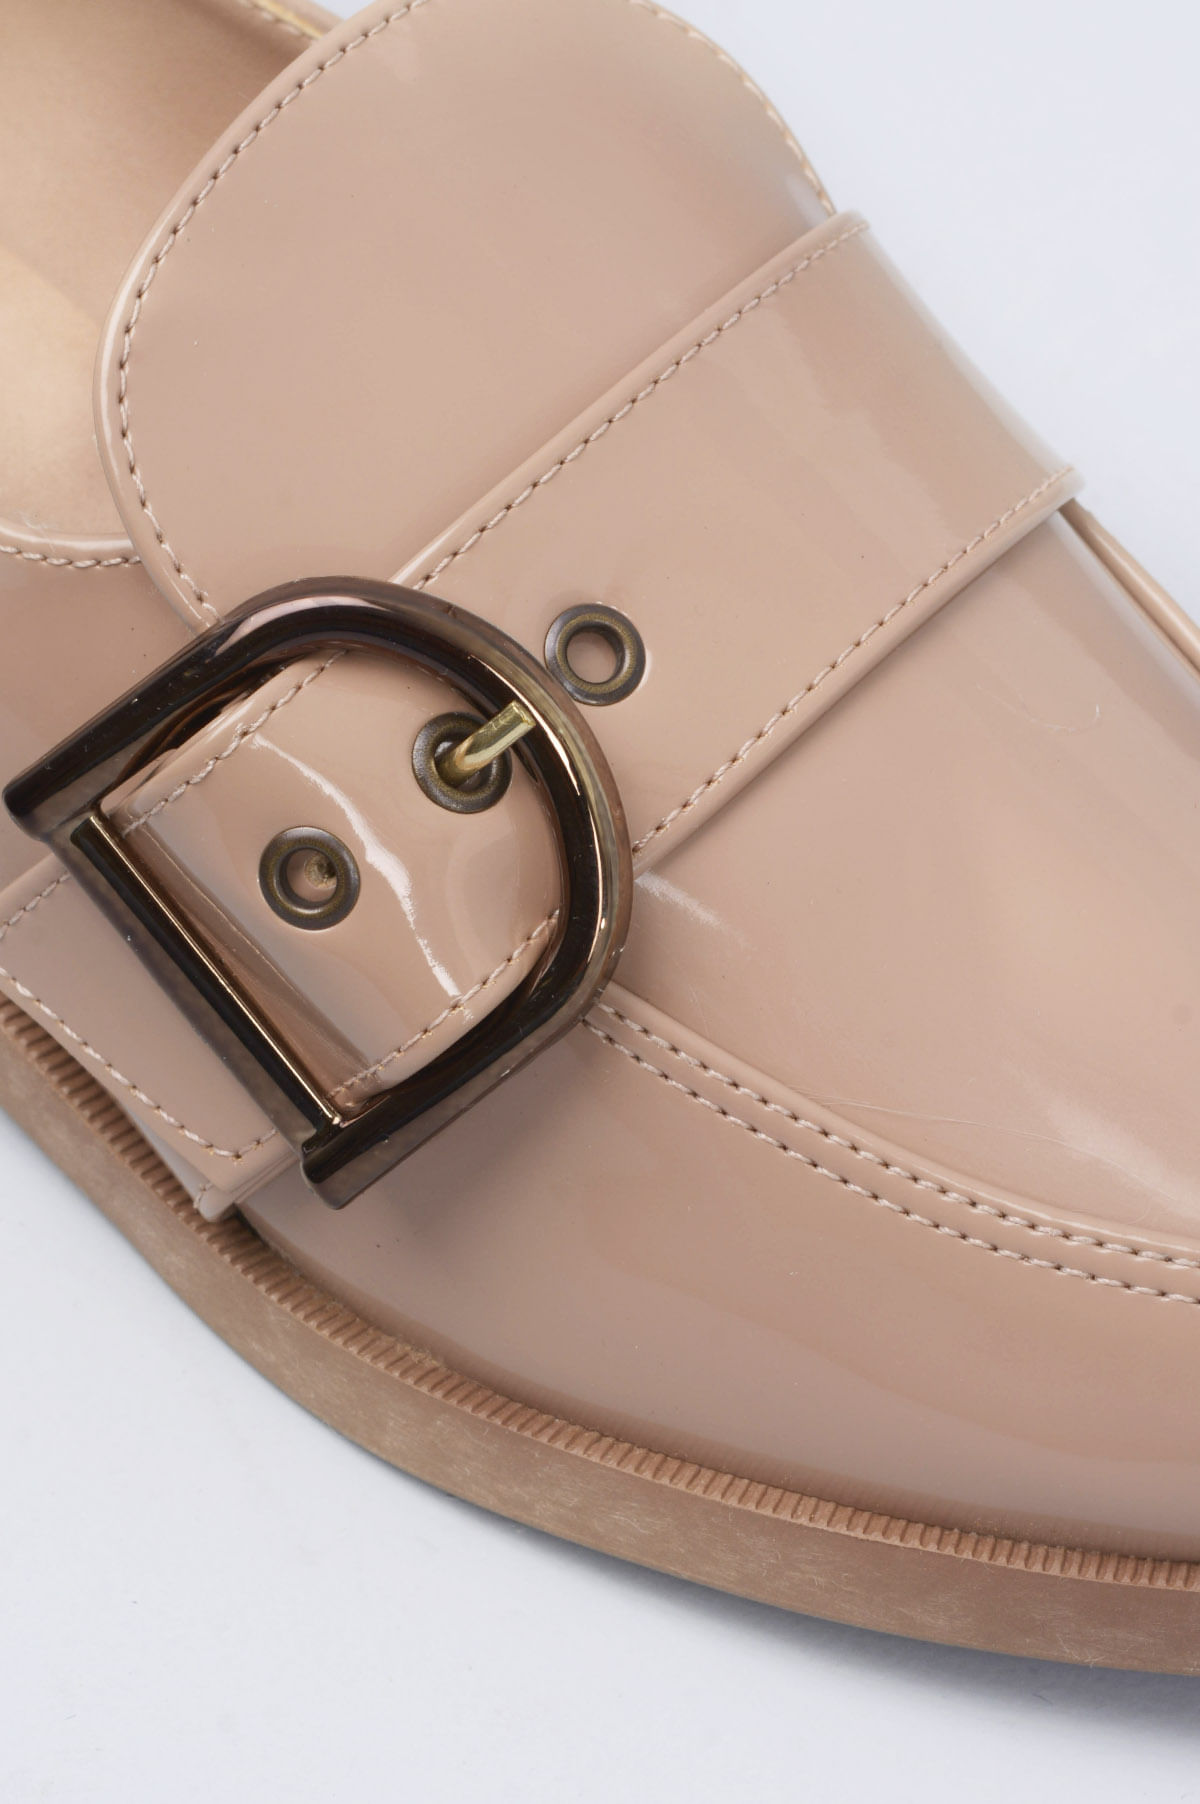 106f42113 Sapato Feminino Salto Baixo Ayala Mundial VERNIZ CAQUI - Mundial ...